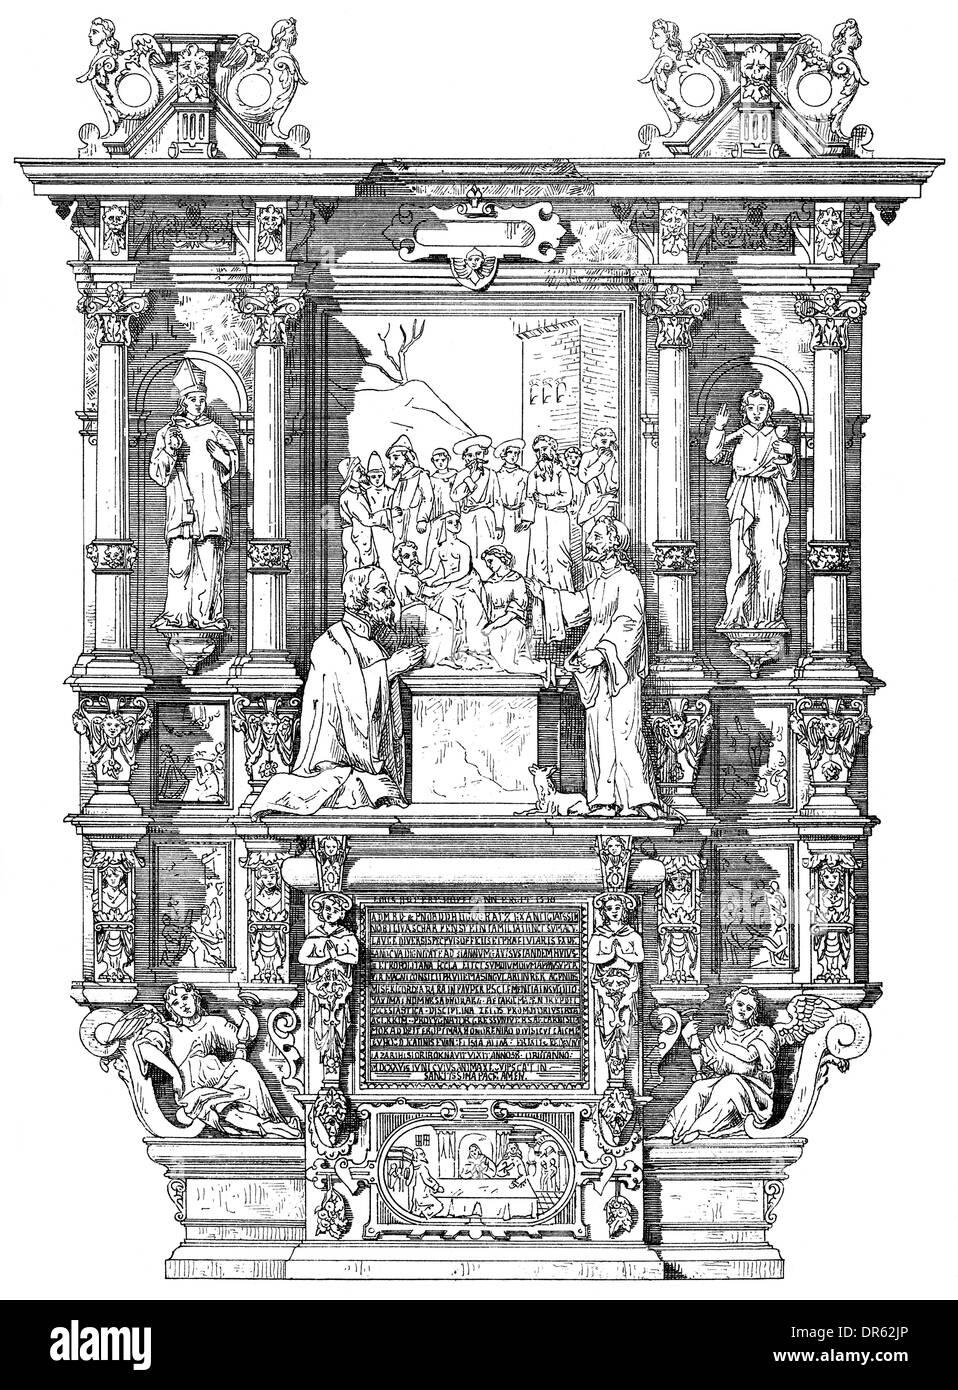 Epitaph altar of provost Hugo Cratz von Scharffenstein, 1625, 17th century, Liebfrauenkirche church, Trier, Germany - Stock Image